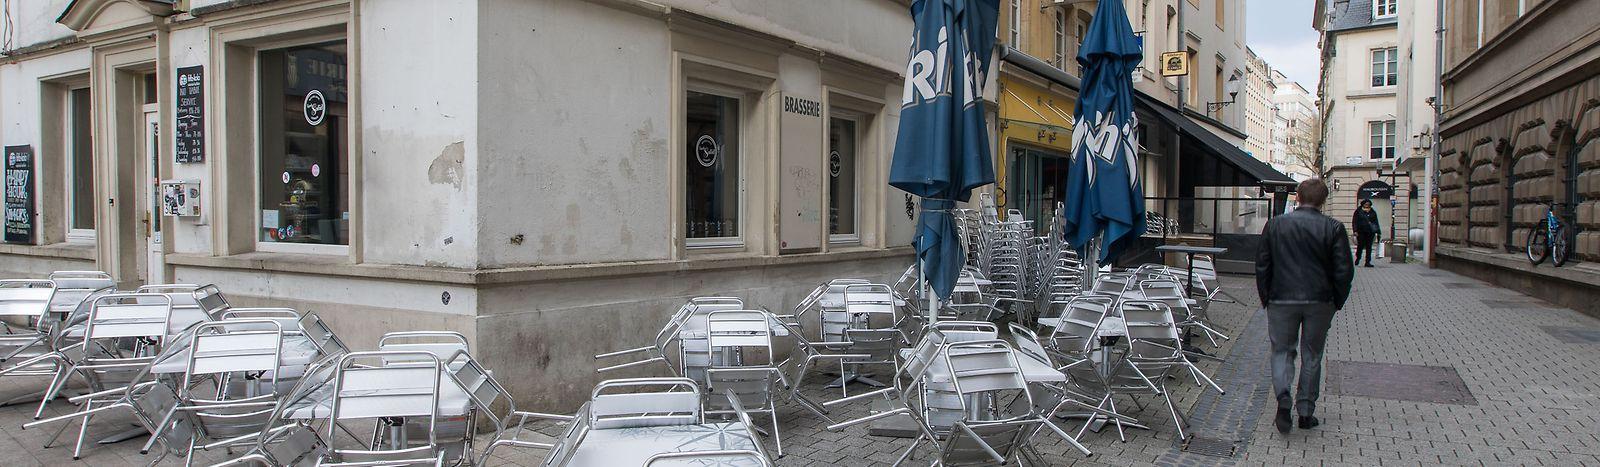 Geschäfte und Restaurants in Luxemburg-Stadt sind wegen der Corona-Krise geschlossen.